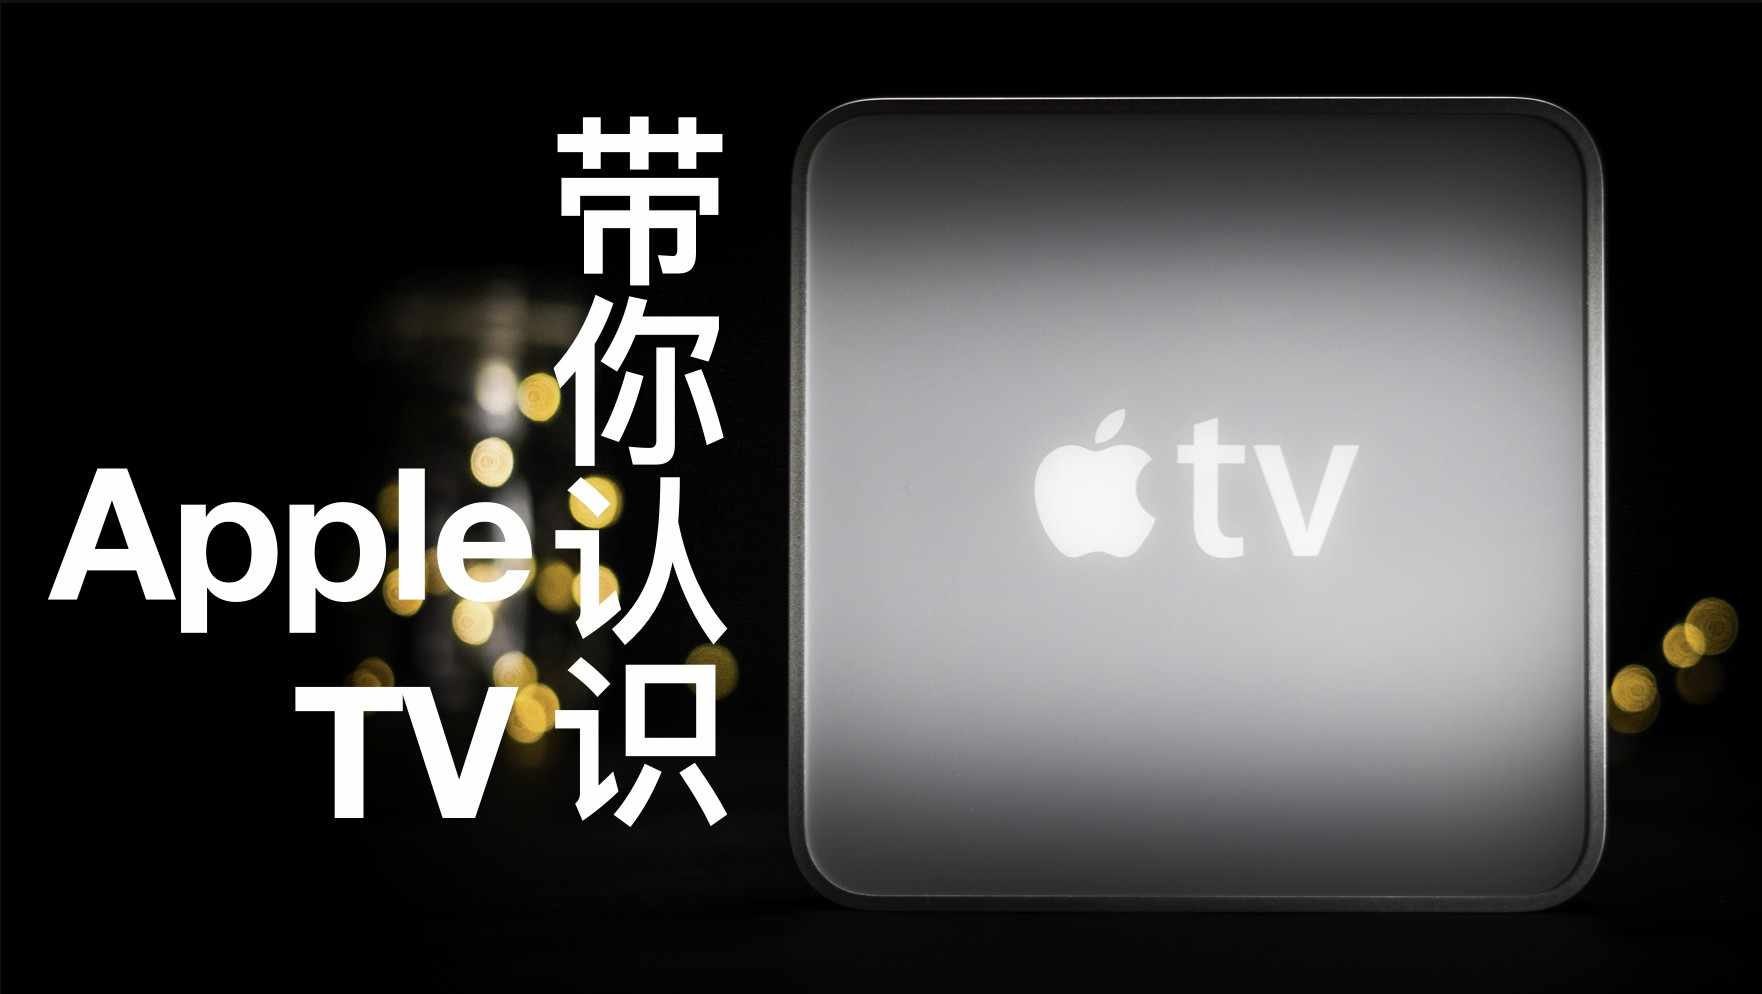 科技小馒头|【Apple TV】知多少?带你了解一下它的迭代历史!